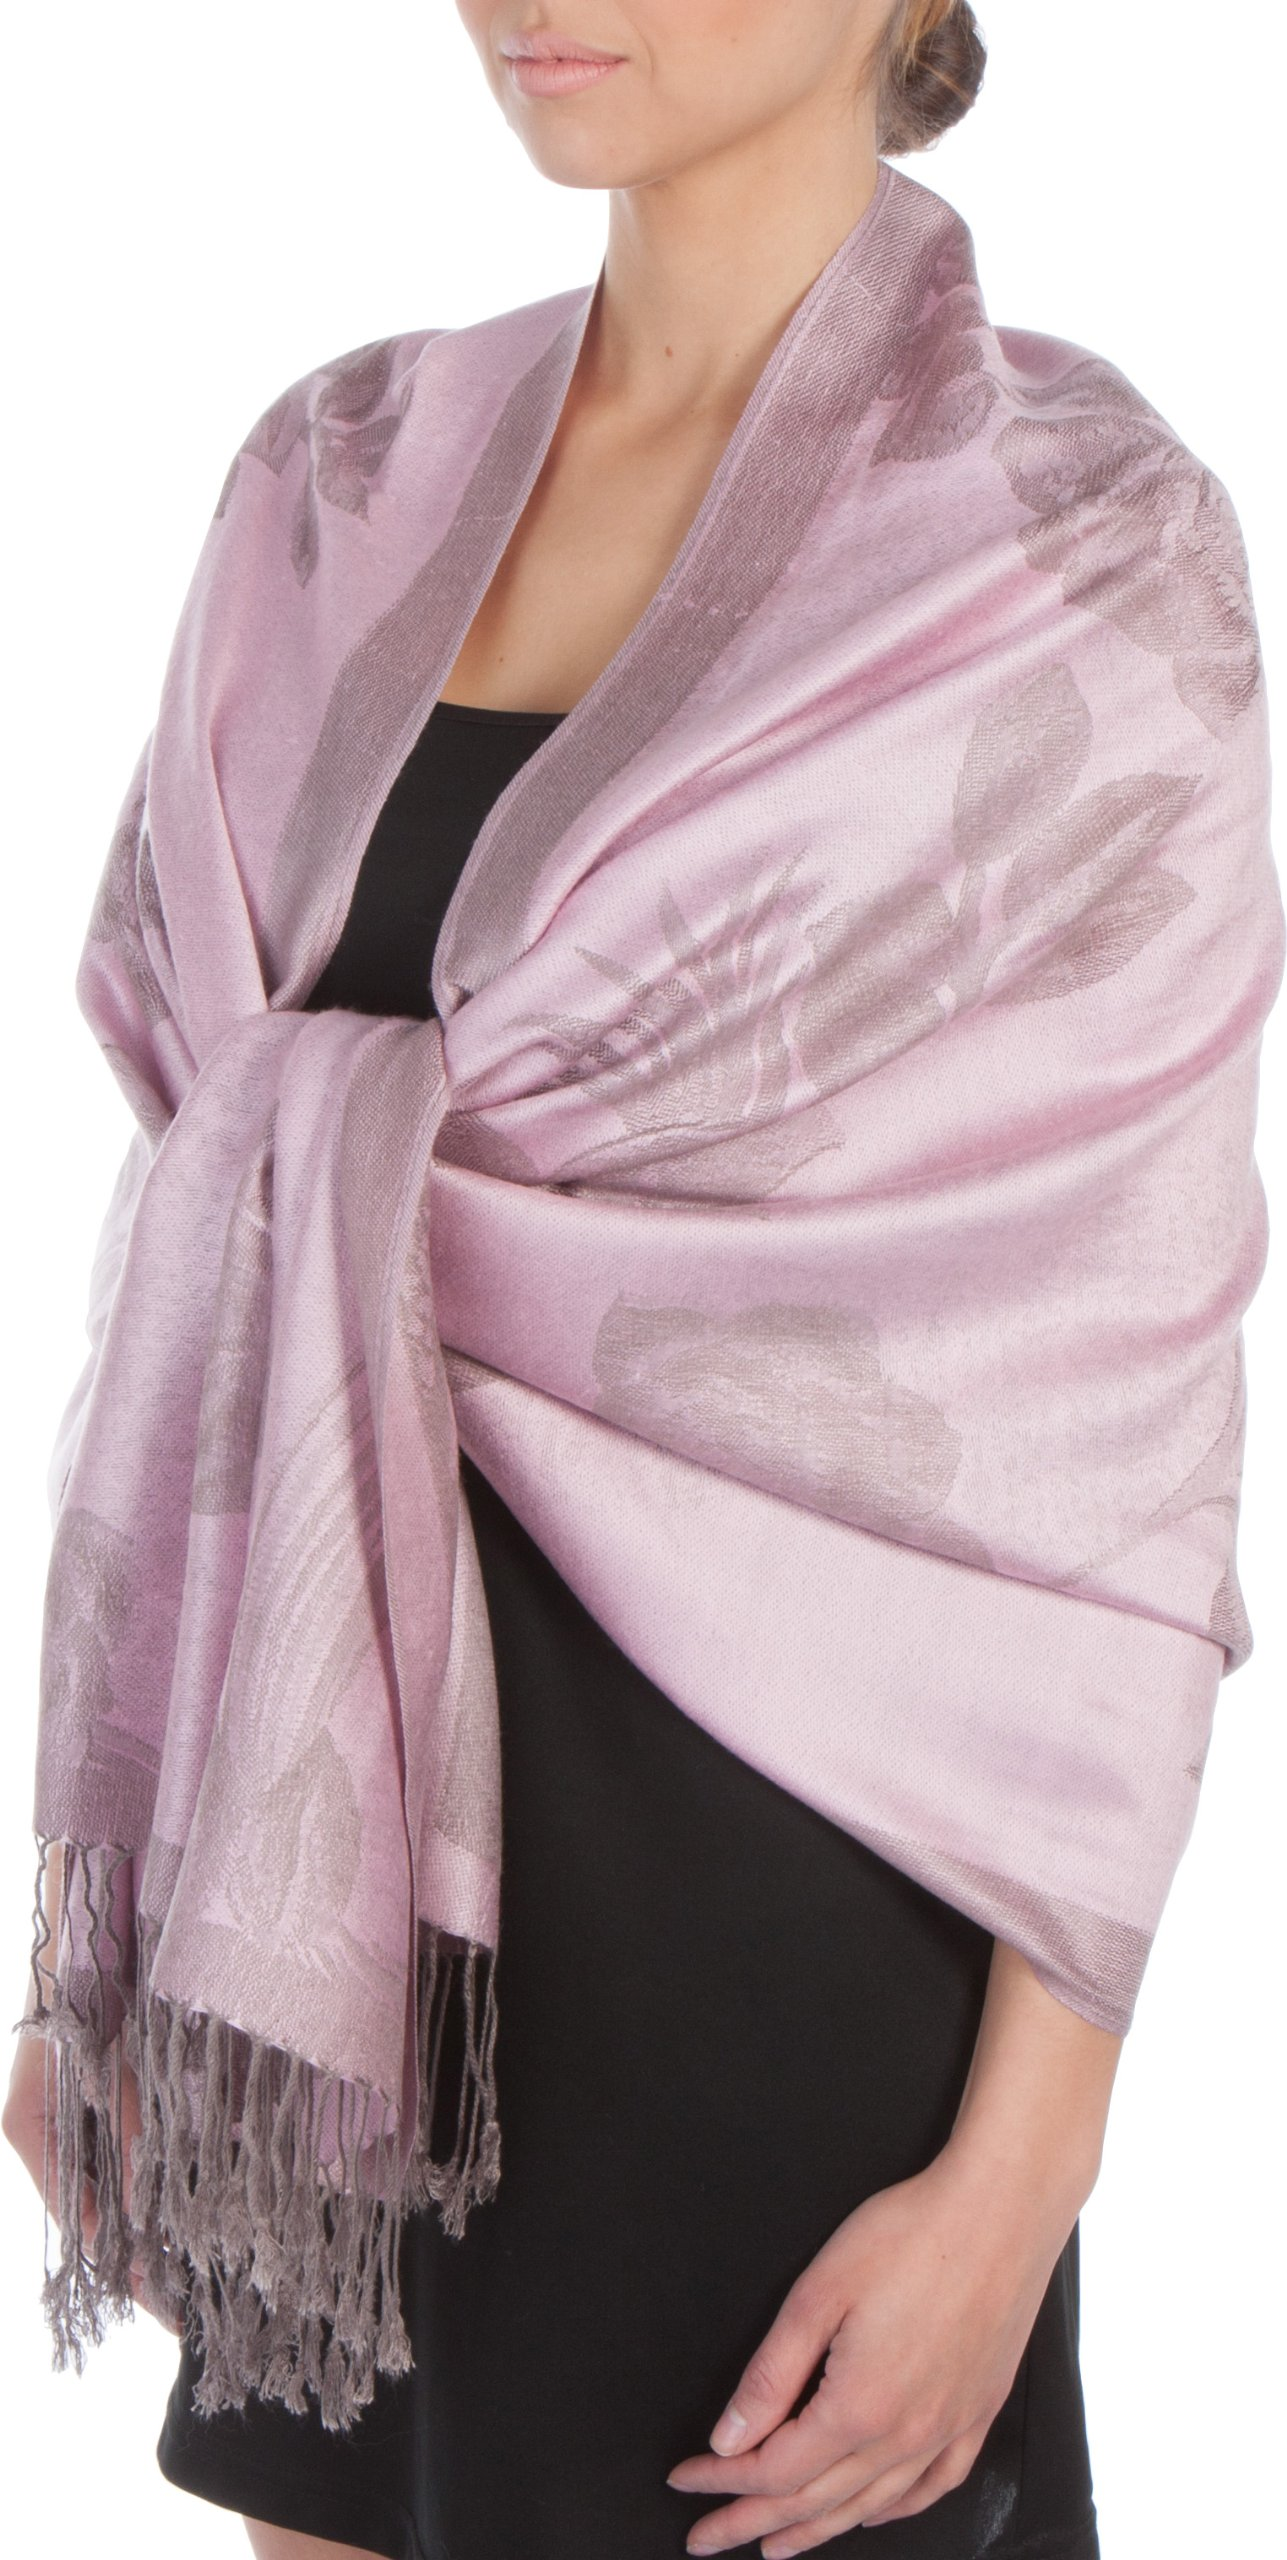 603489a147fb Sakkas Châle Echarpe Etole Léger Deux couleurs Rose Floral Design Contours  Pashmina (Au